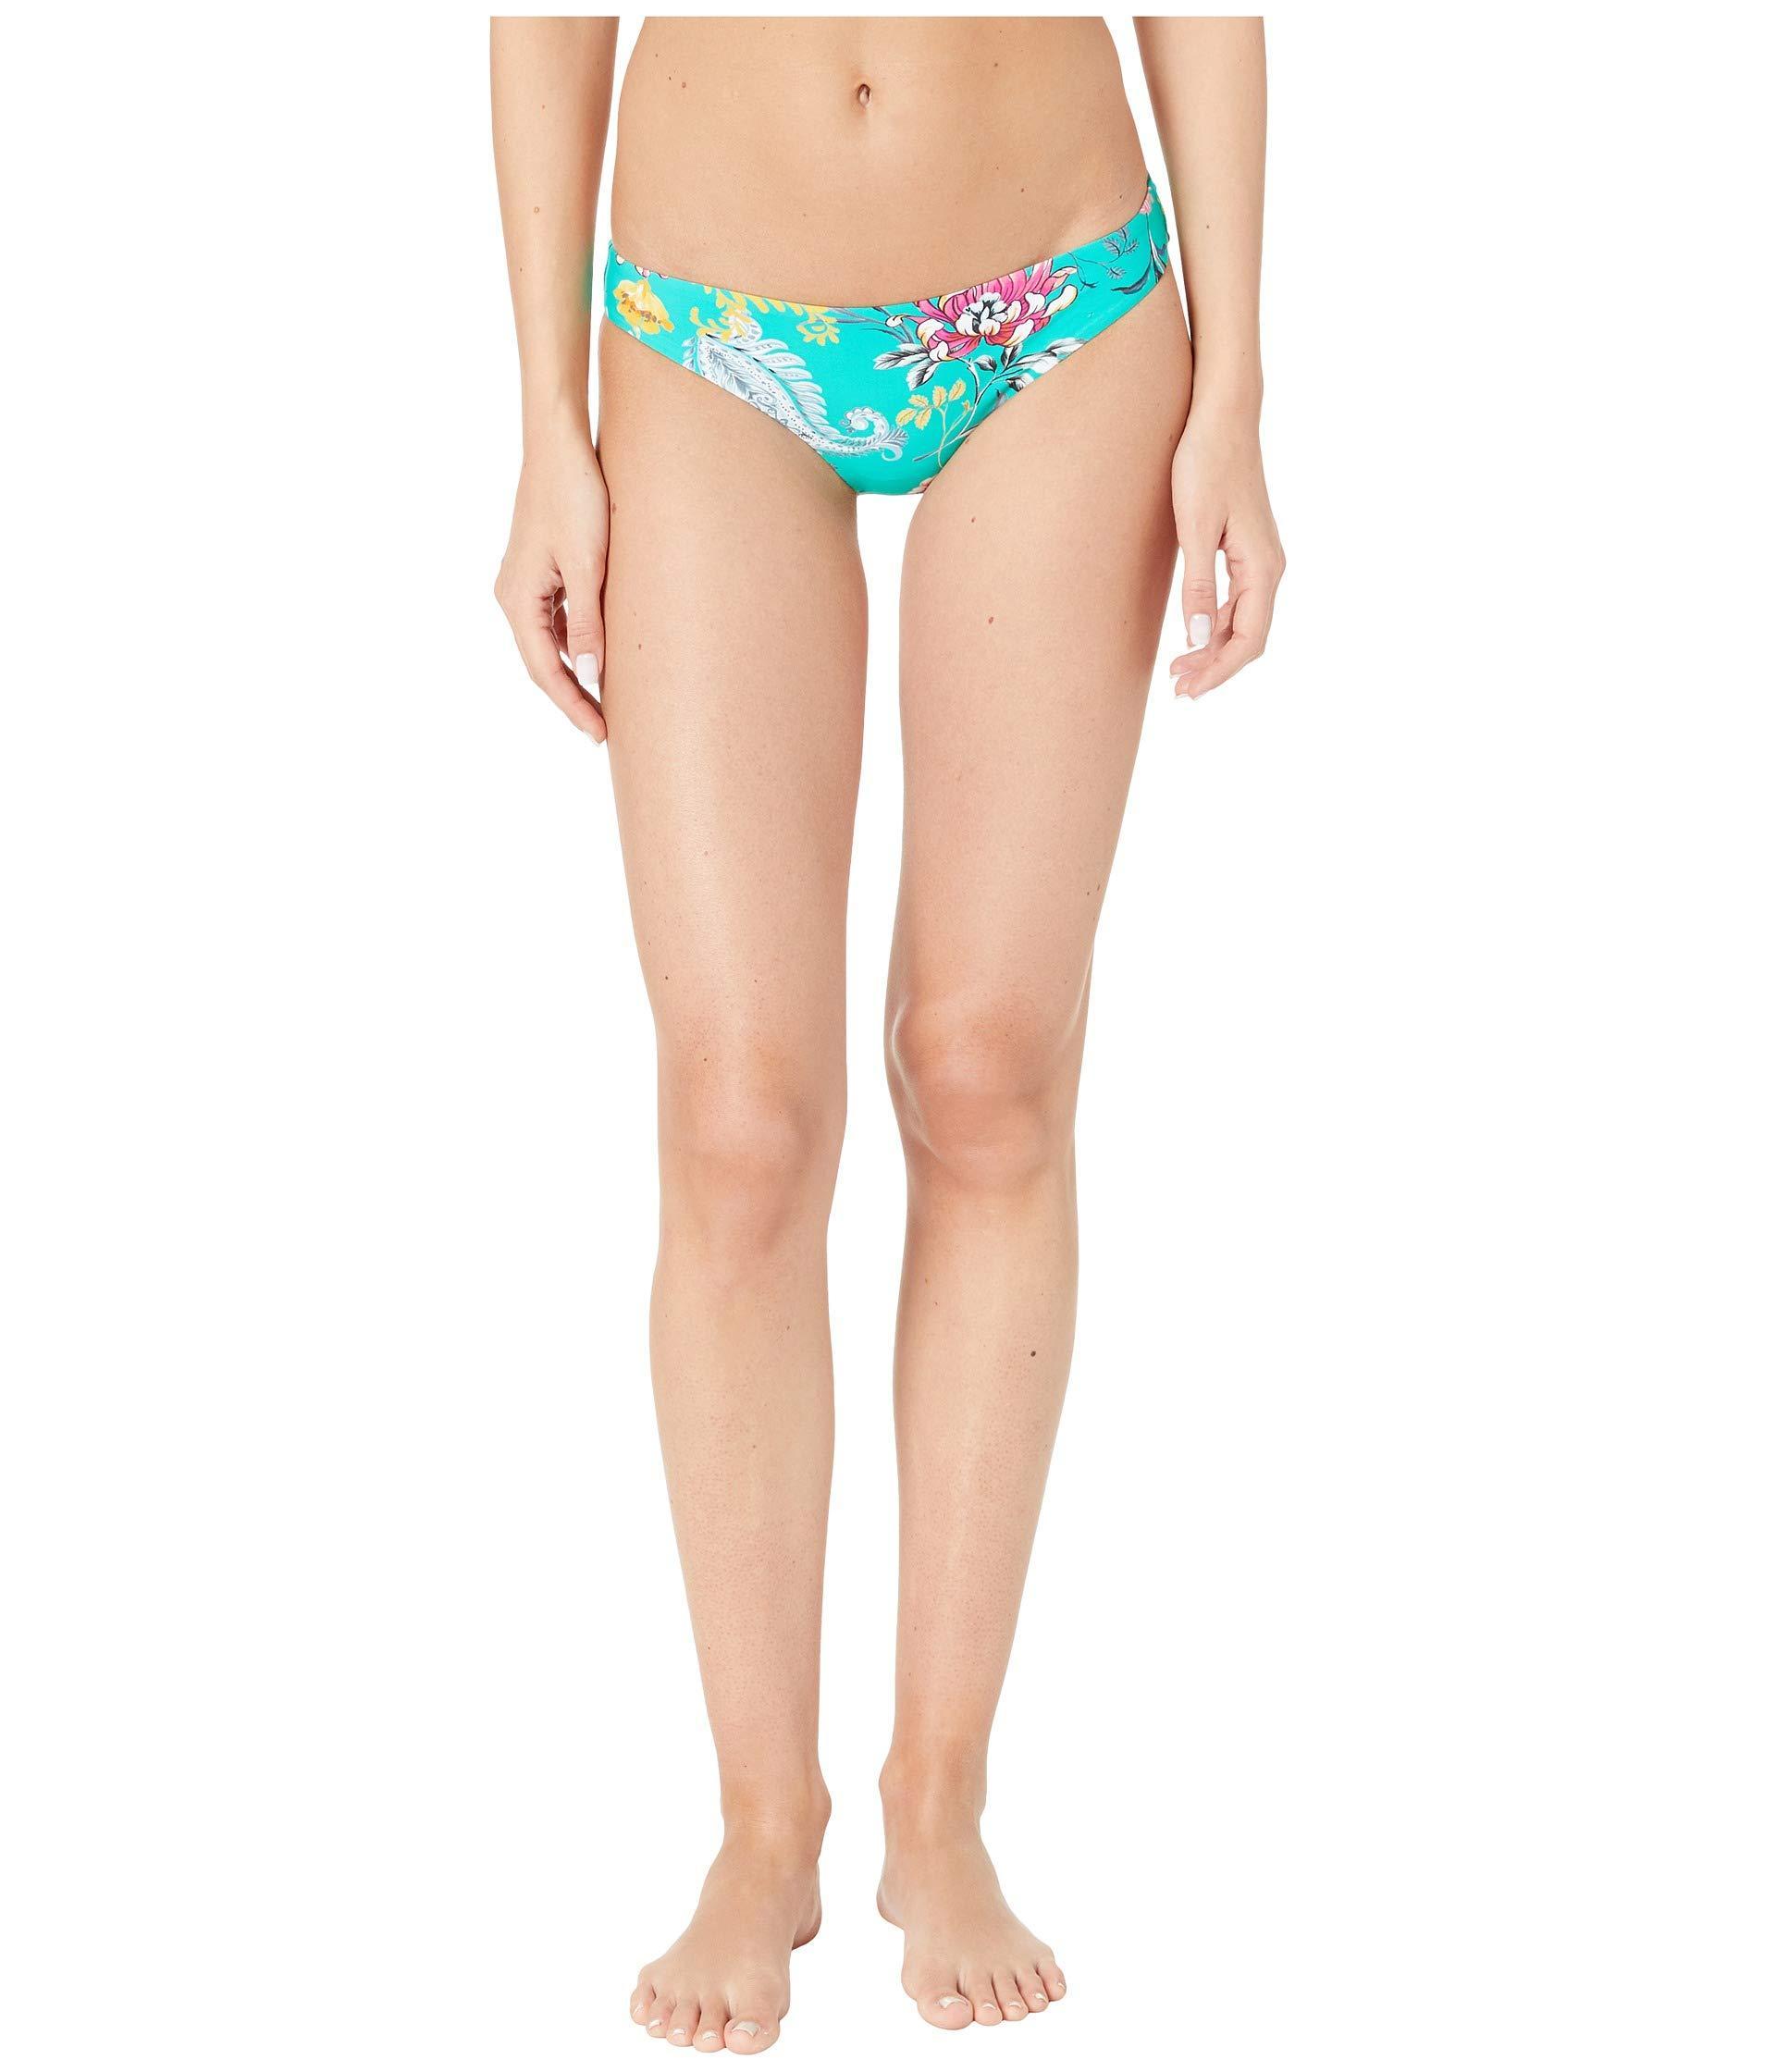 c305c61f2d322 Seafolly. Blue Water Garden Hipster Bottoms (evergreen) Women s Swimwear